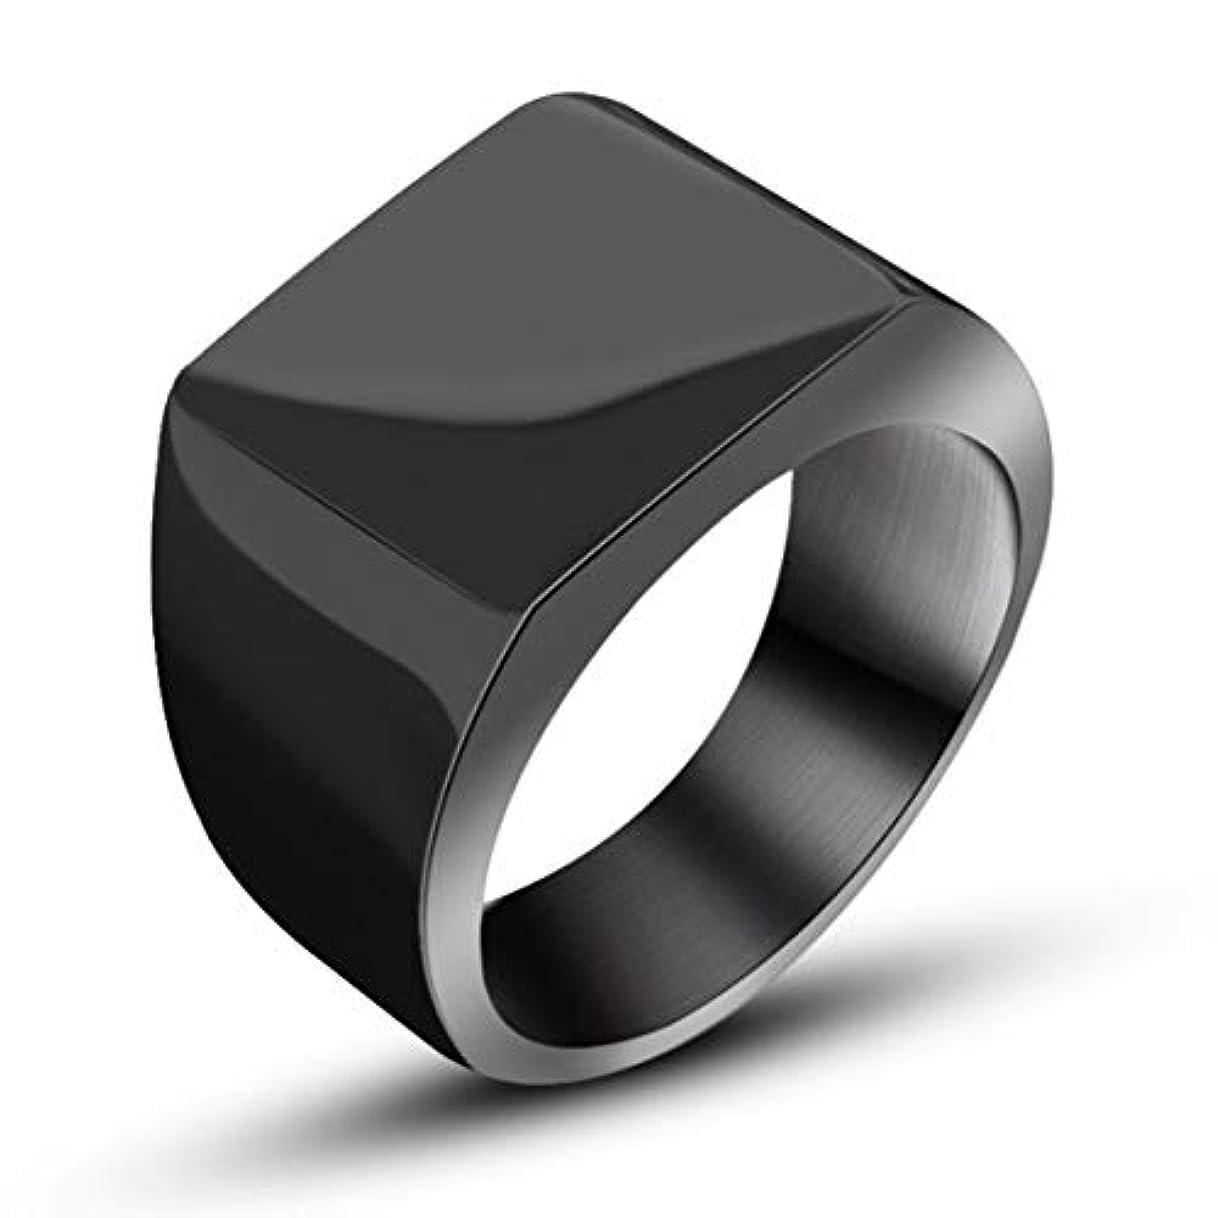 トランザクション無一文一見寛大なファッションシンプルでワイドフェイスリングチタンリングハンサムメンズリングワイドサーフェスリングメンズ-ブラック#12